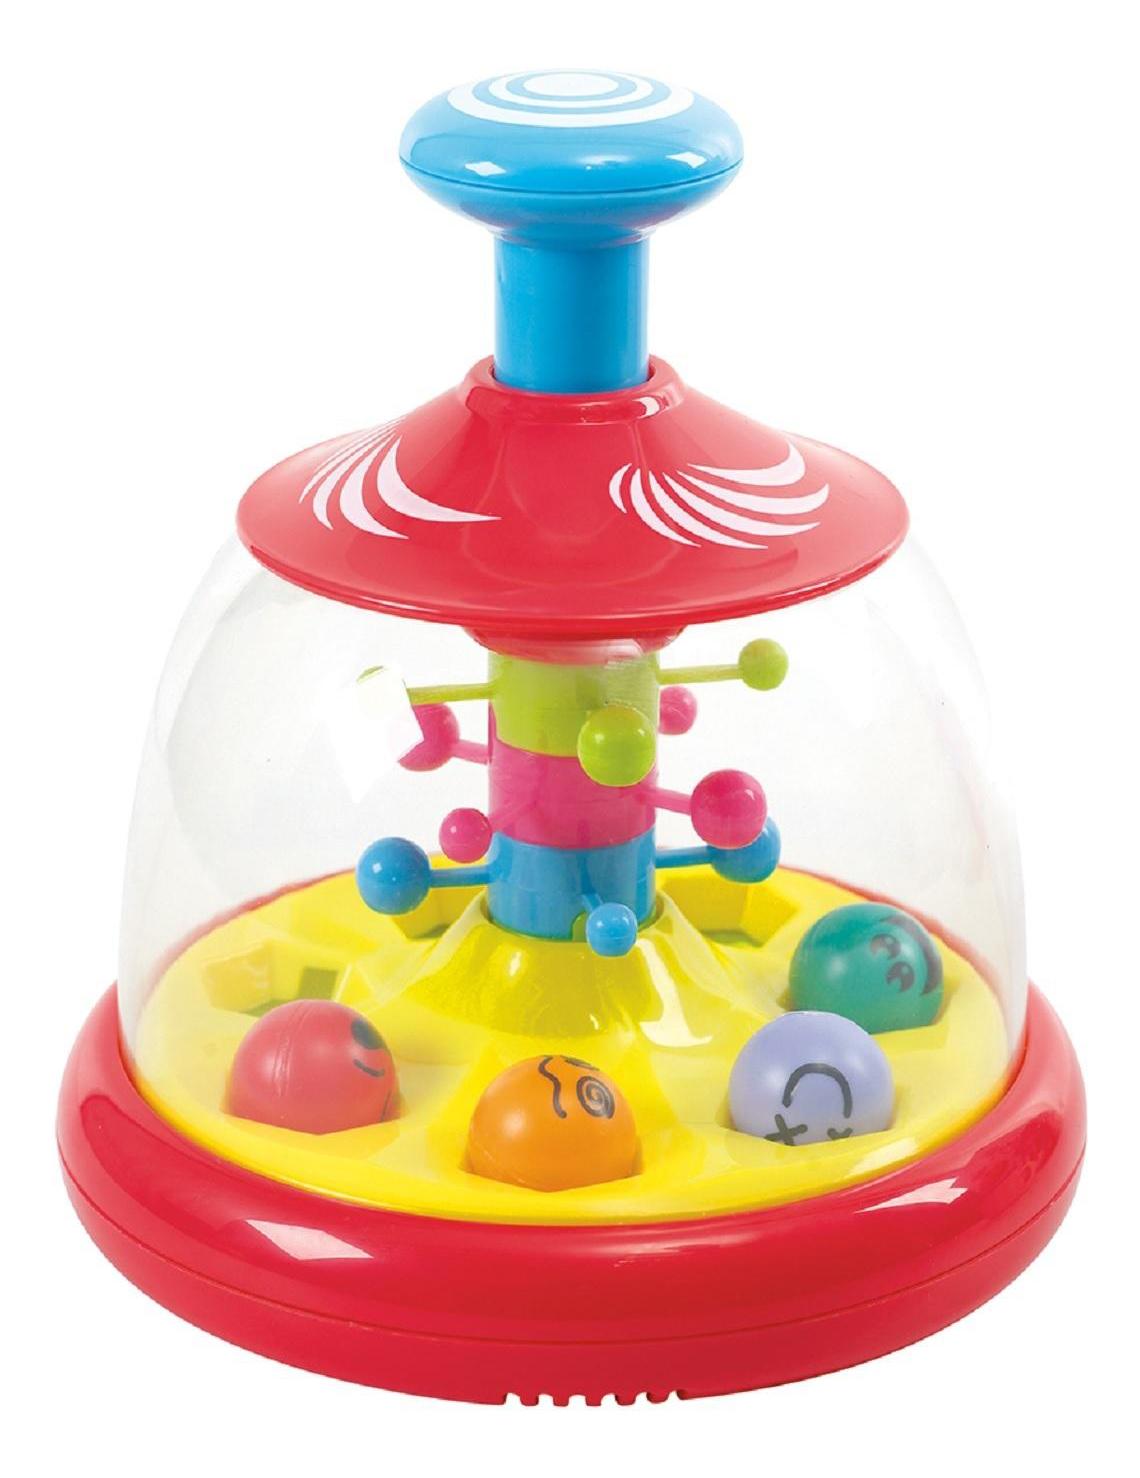 Купить Юла Playgo С шарами, Play&Go, Развивающие игрушки